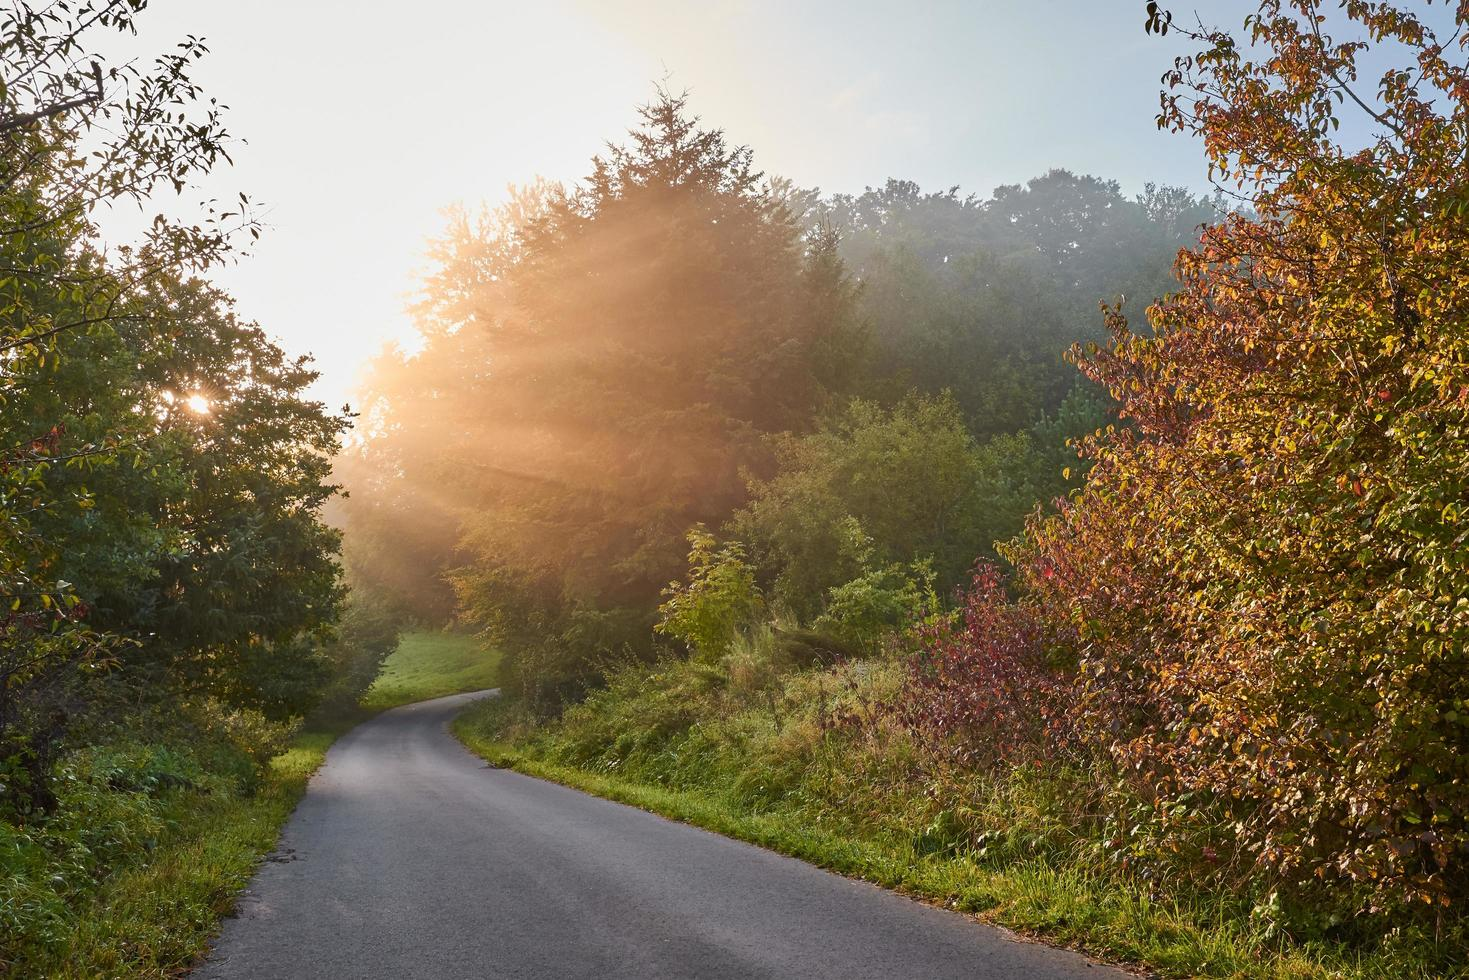 grijze asfaltweg tussen bomen foto